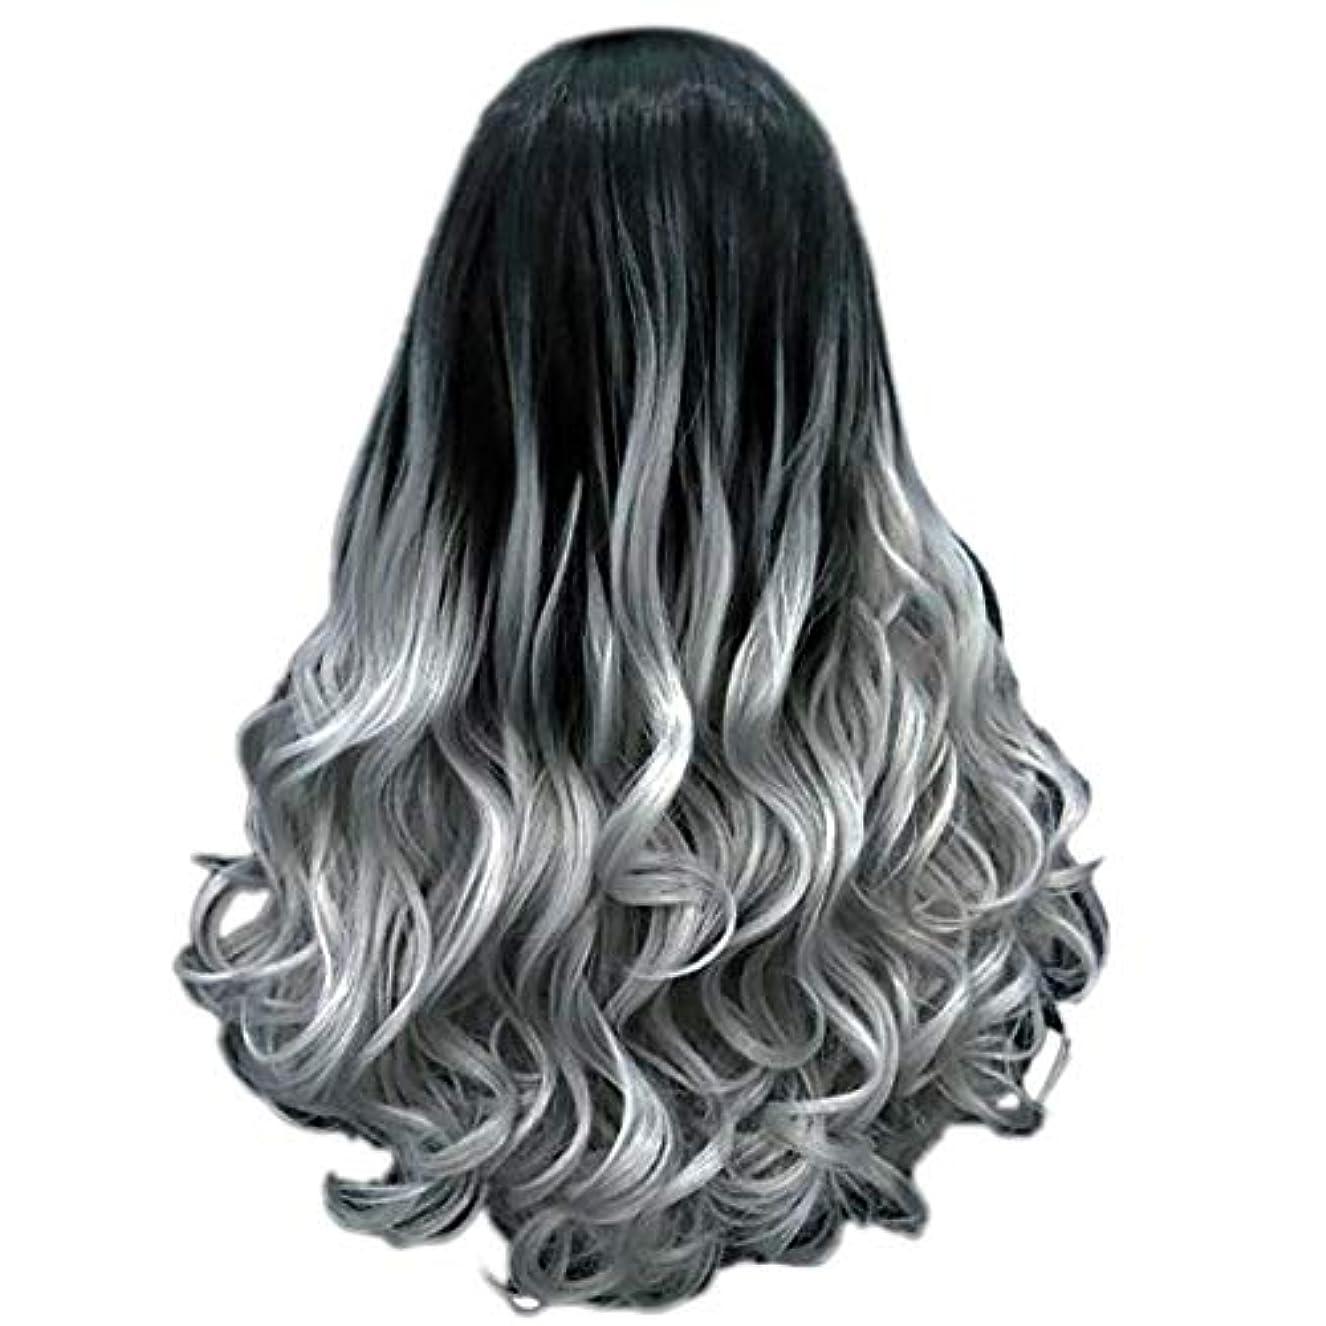 クレアフリルギャップ女性の長い巻き毛のファッションセクシーなかつら70 cmをかつら